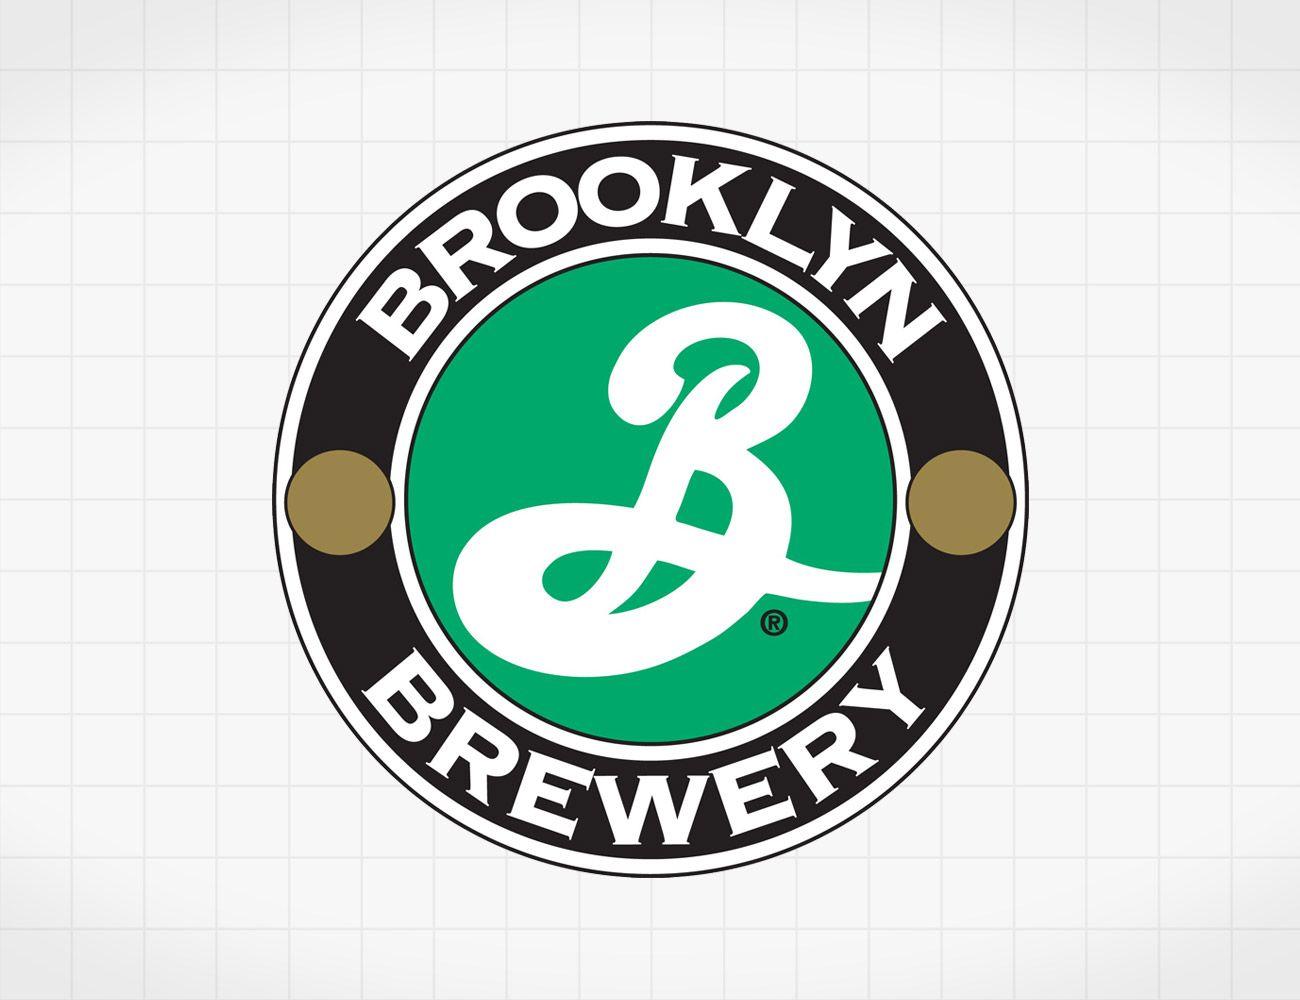 brooklyn-brewery-logo-gear-patrol